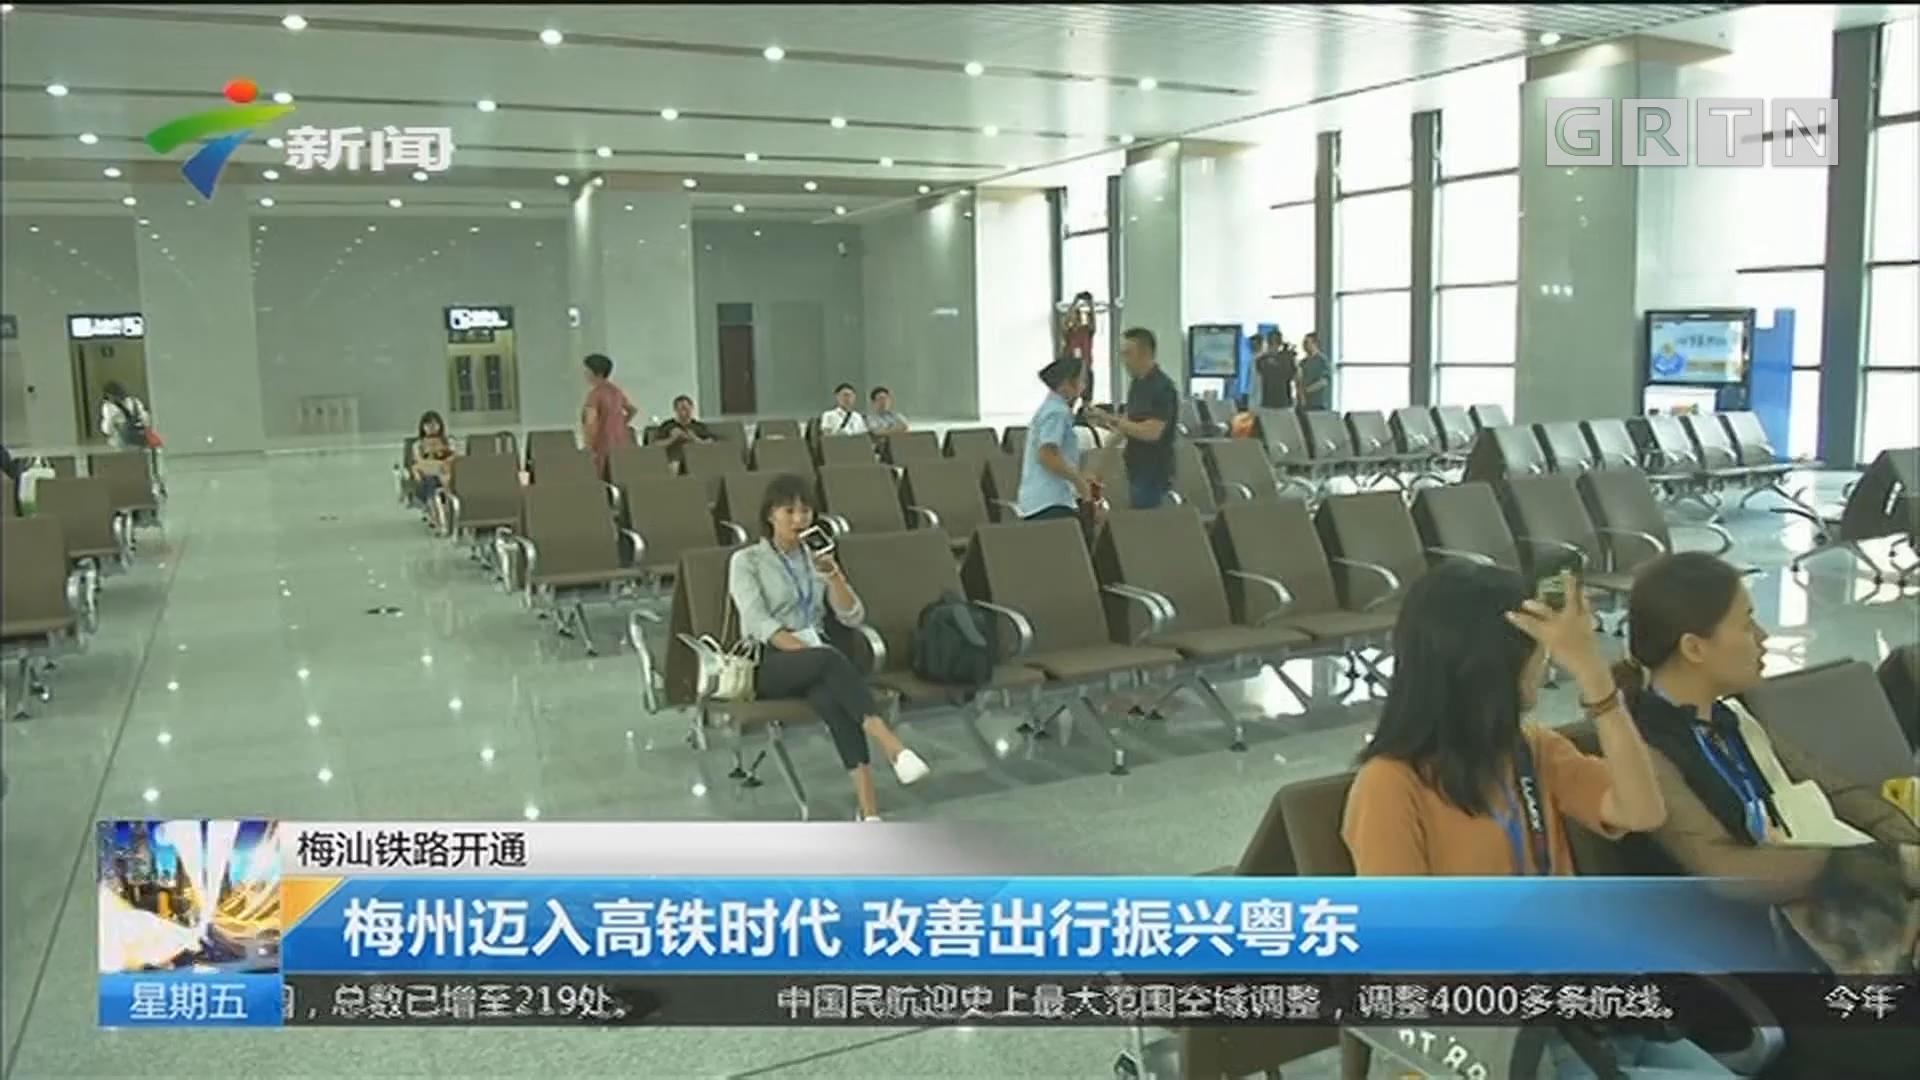 梅汕铁路开通 梅州迈入高铁时代 改善出行振兴粤东